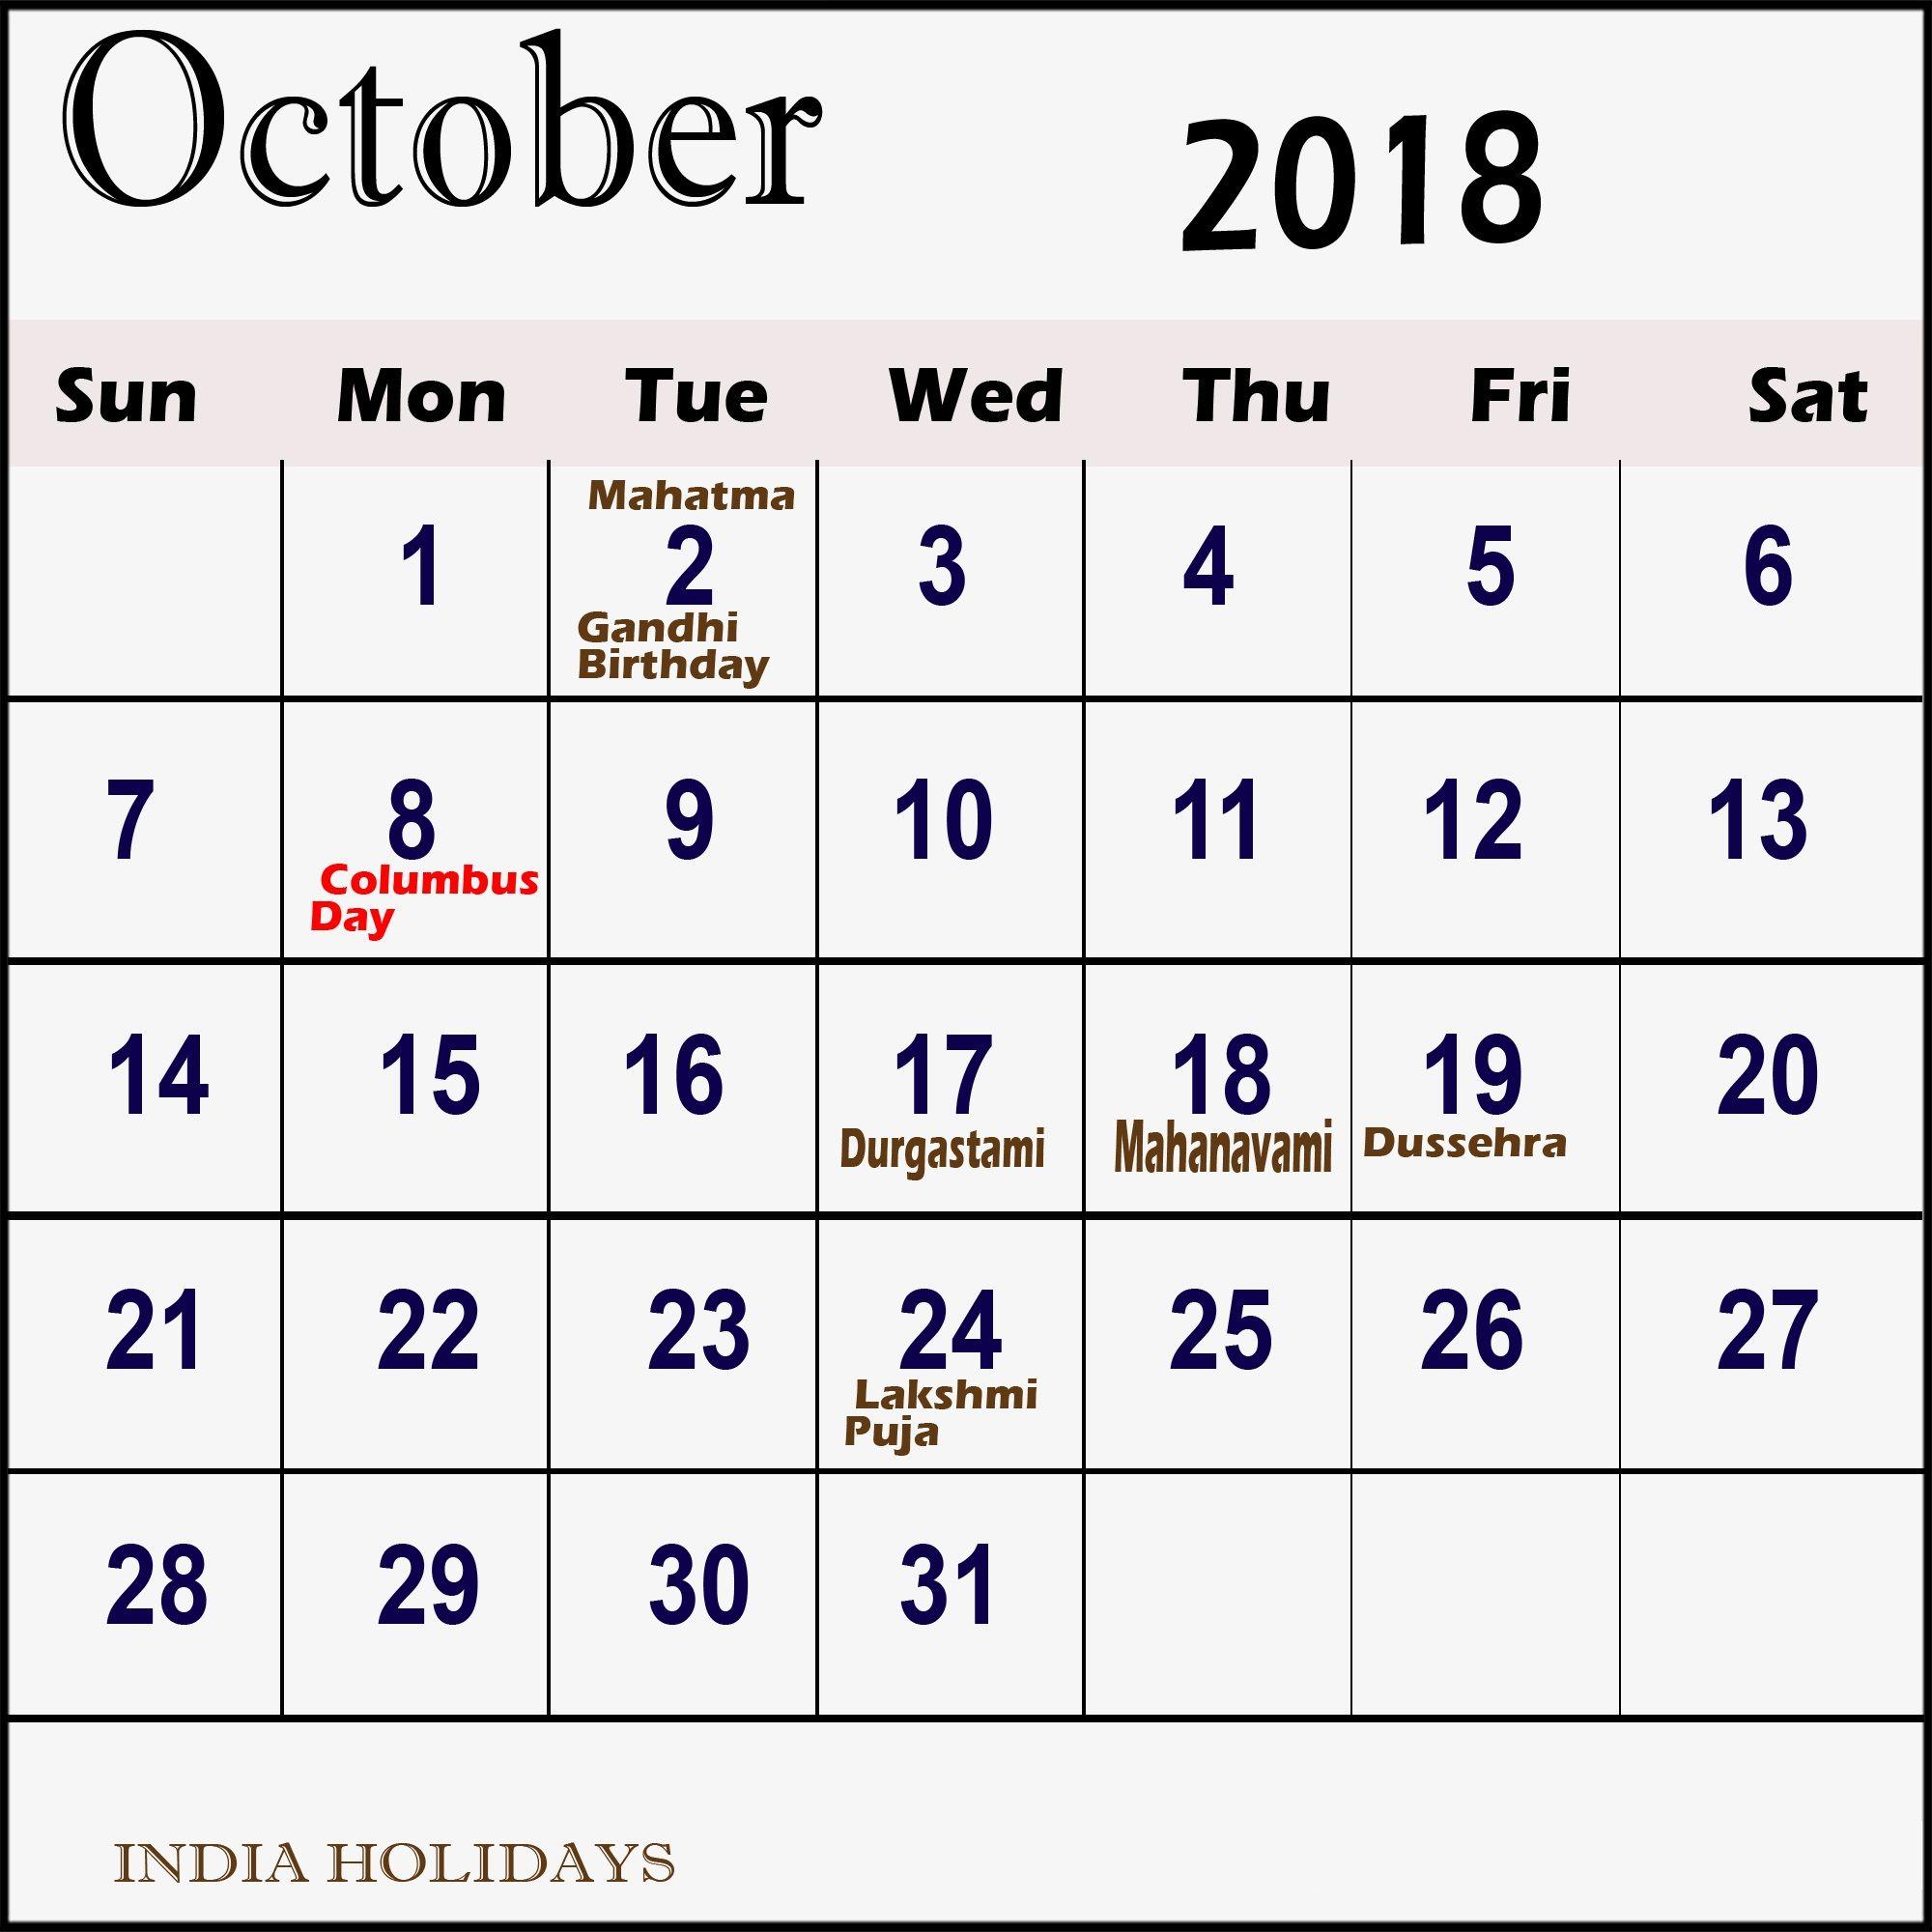 october 2018 calendar india holidays